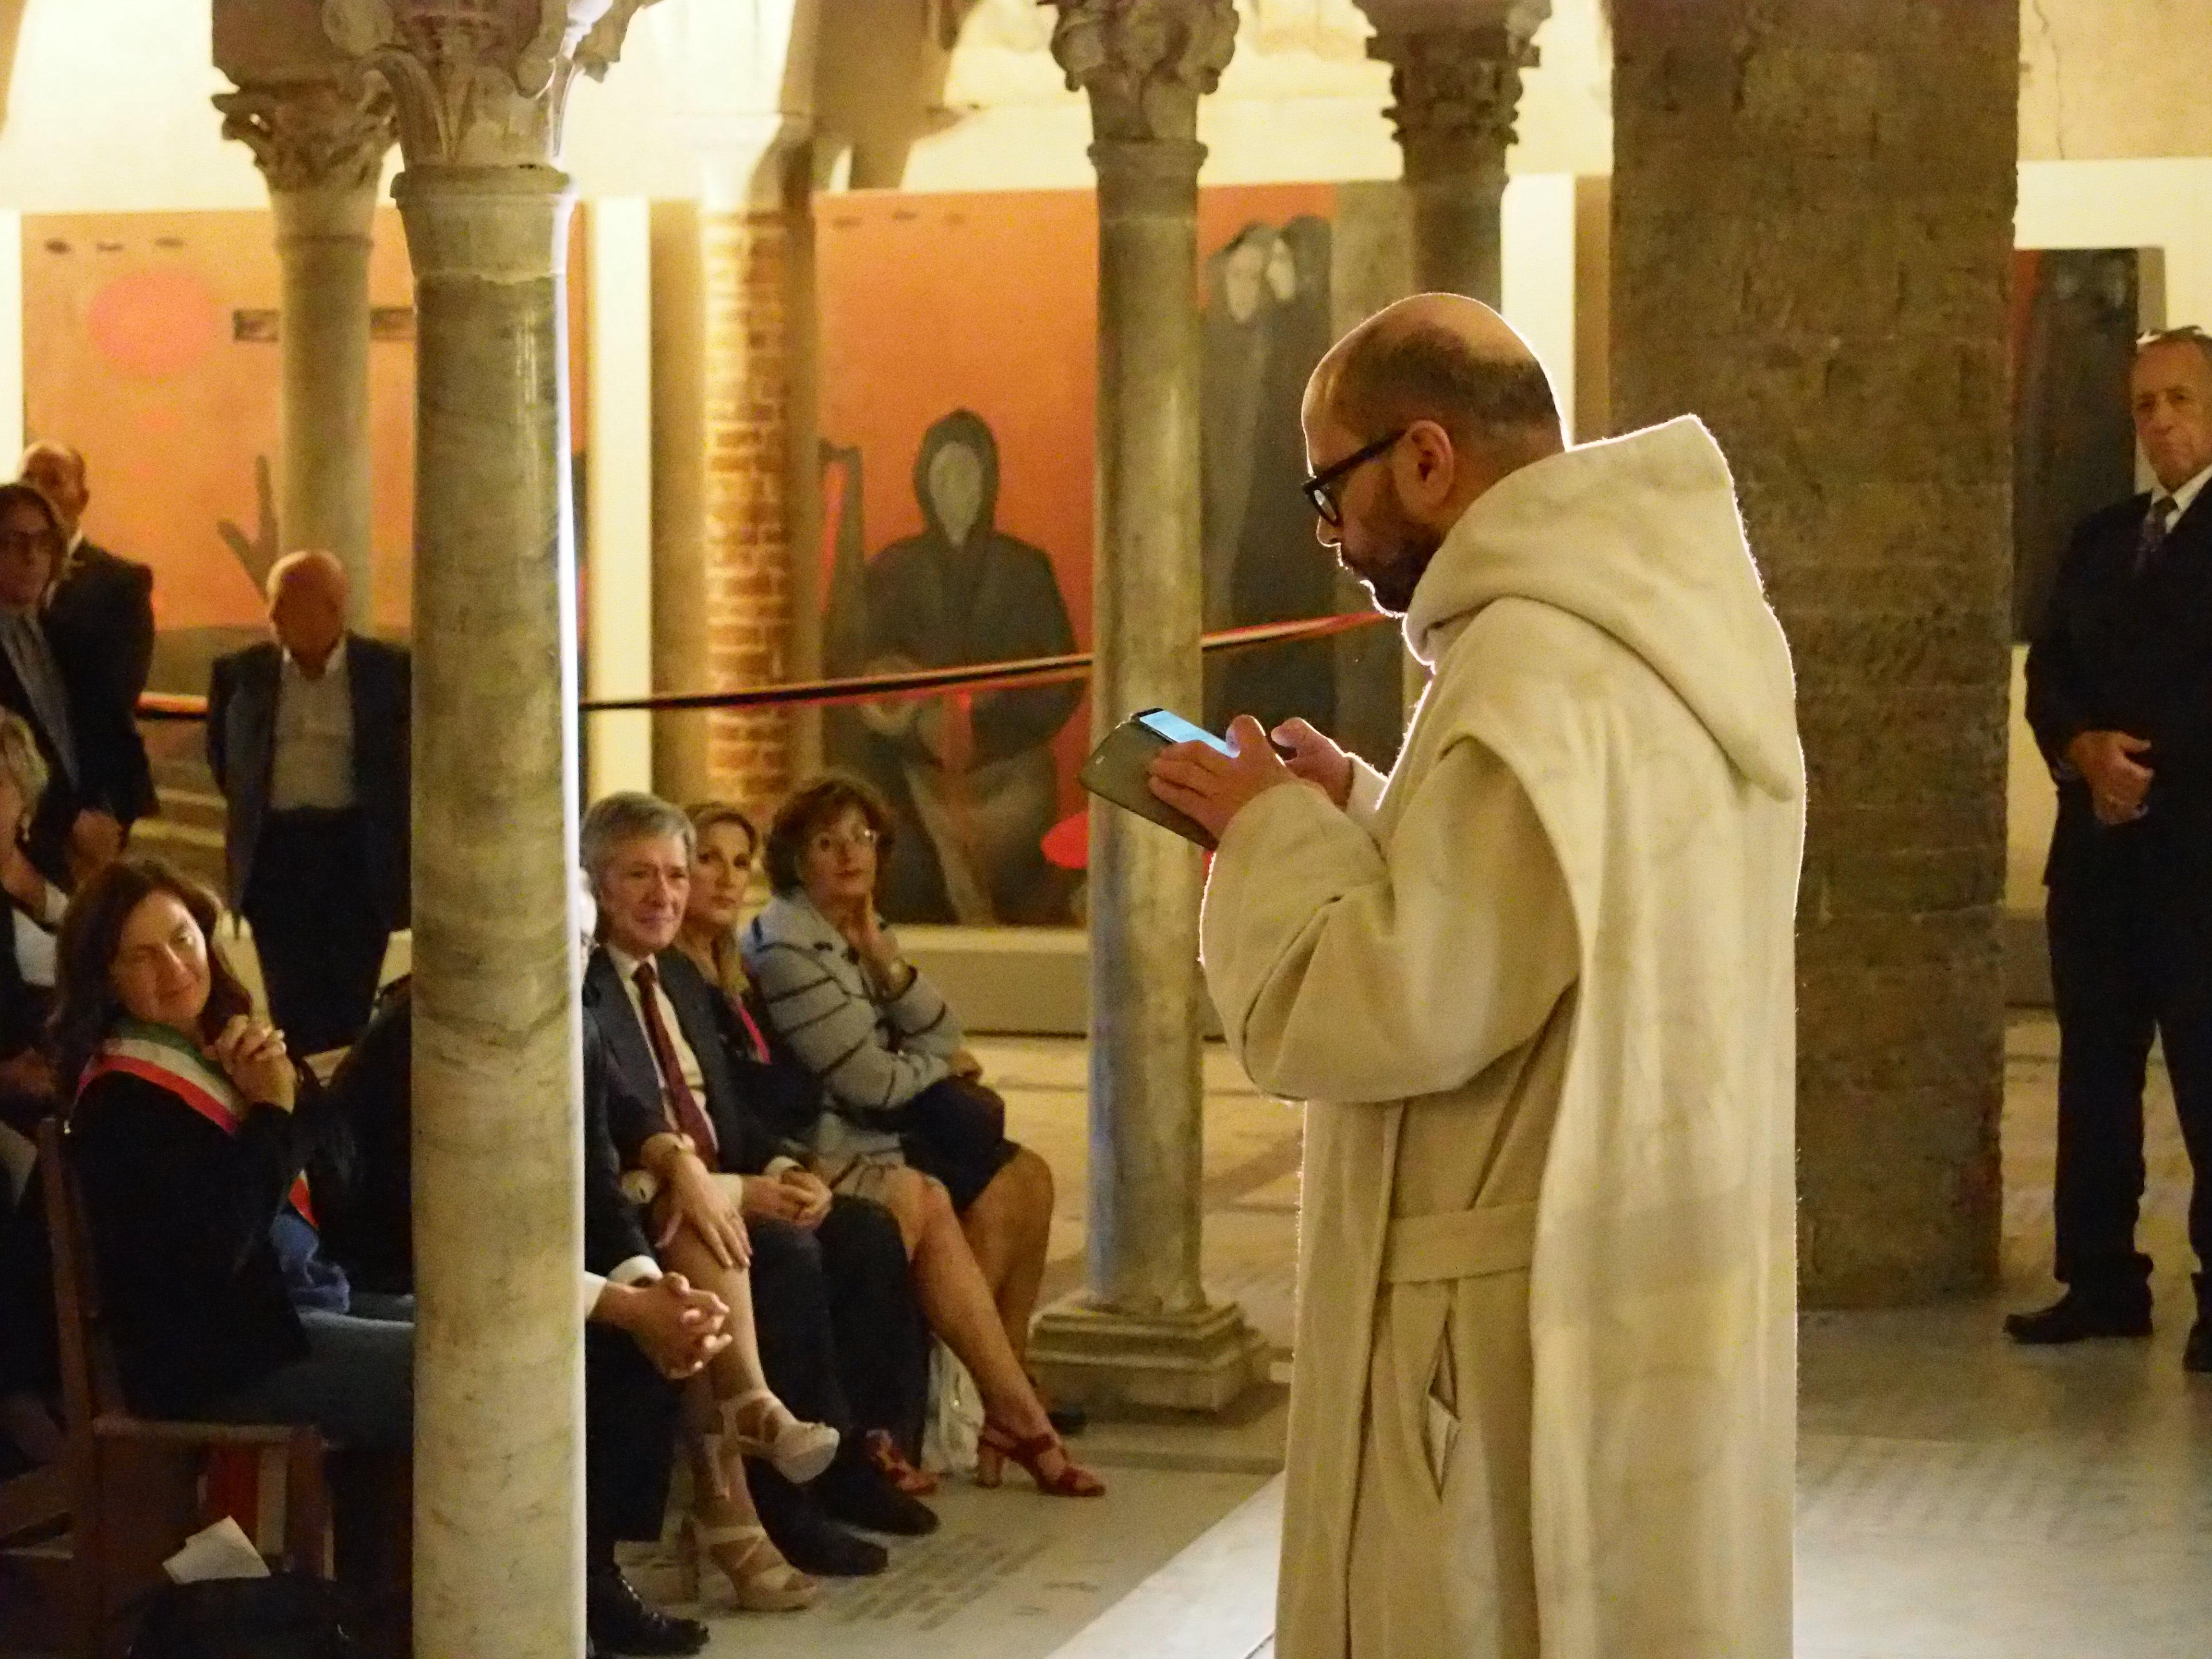 Firenze, 20 Ottobre 2018 - Dom Bernardo all'inaugurazione a Gernika